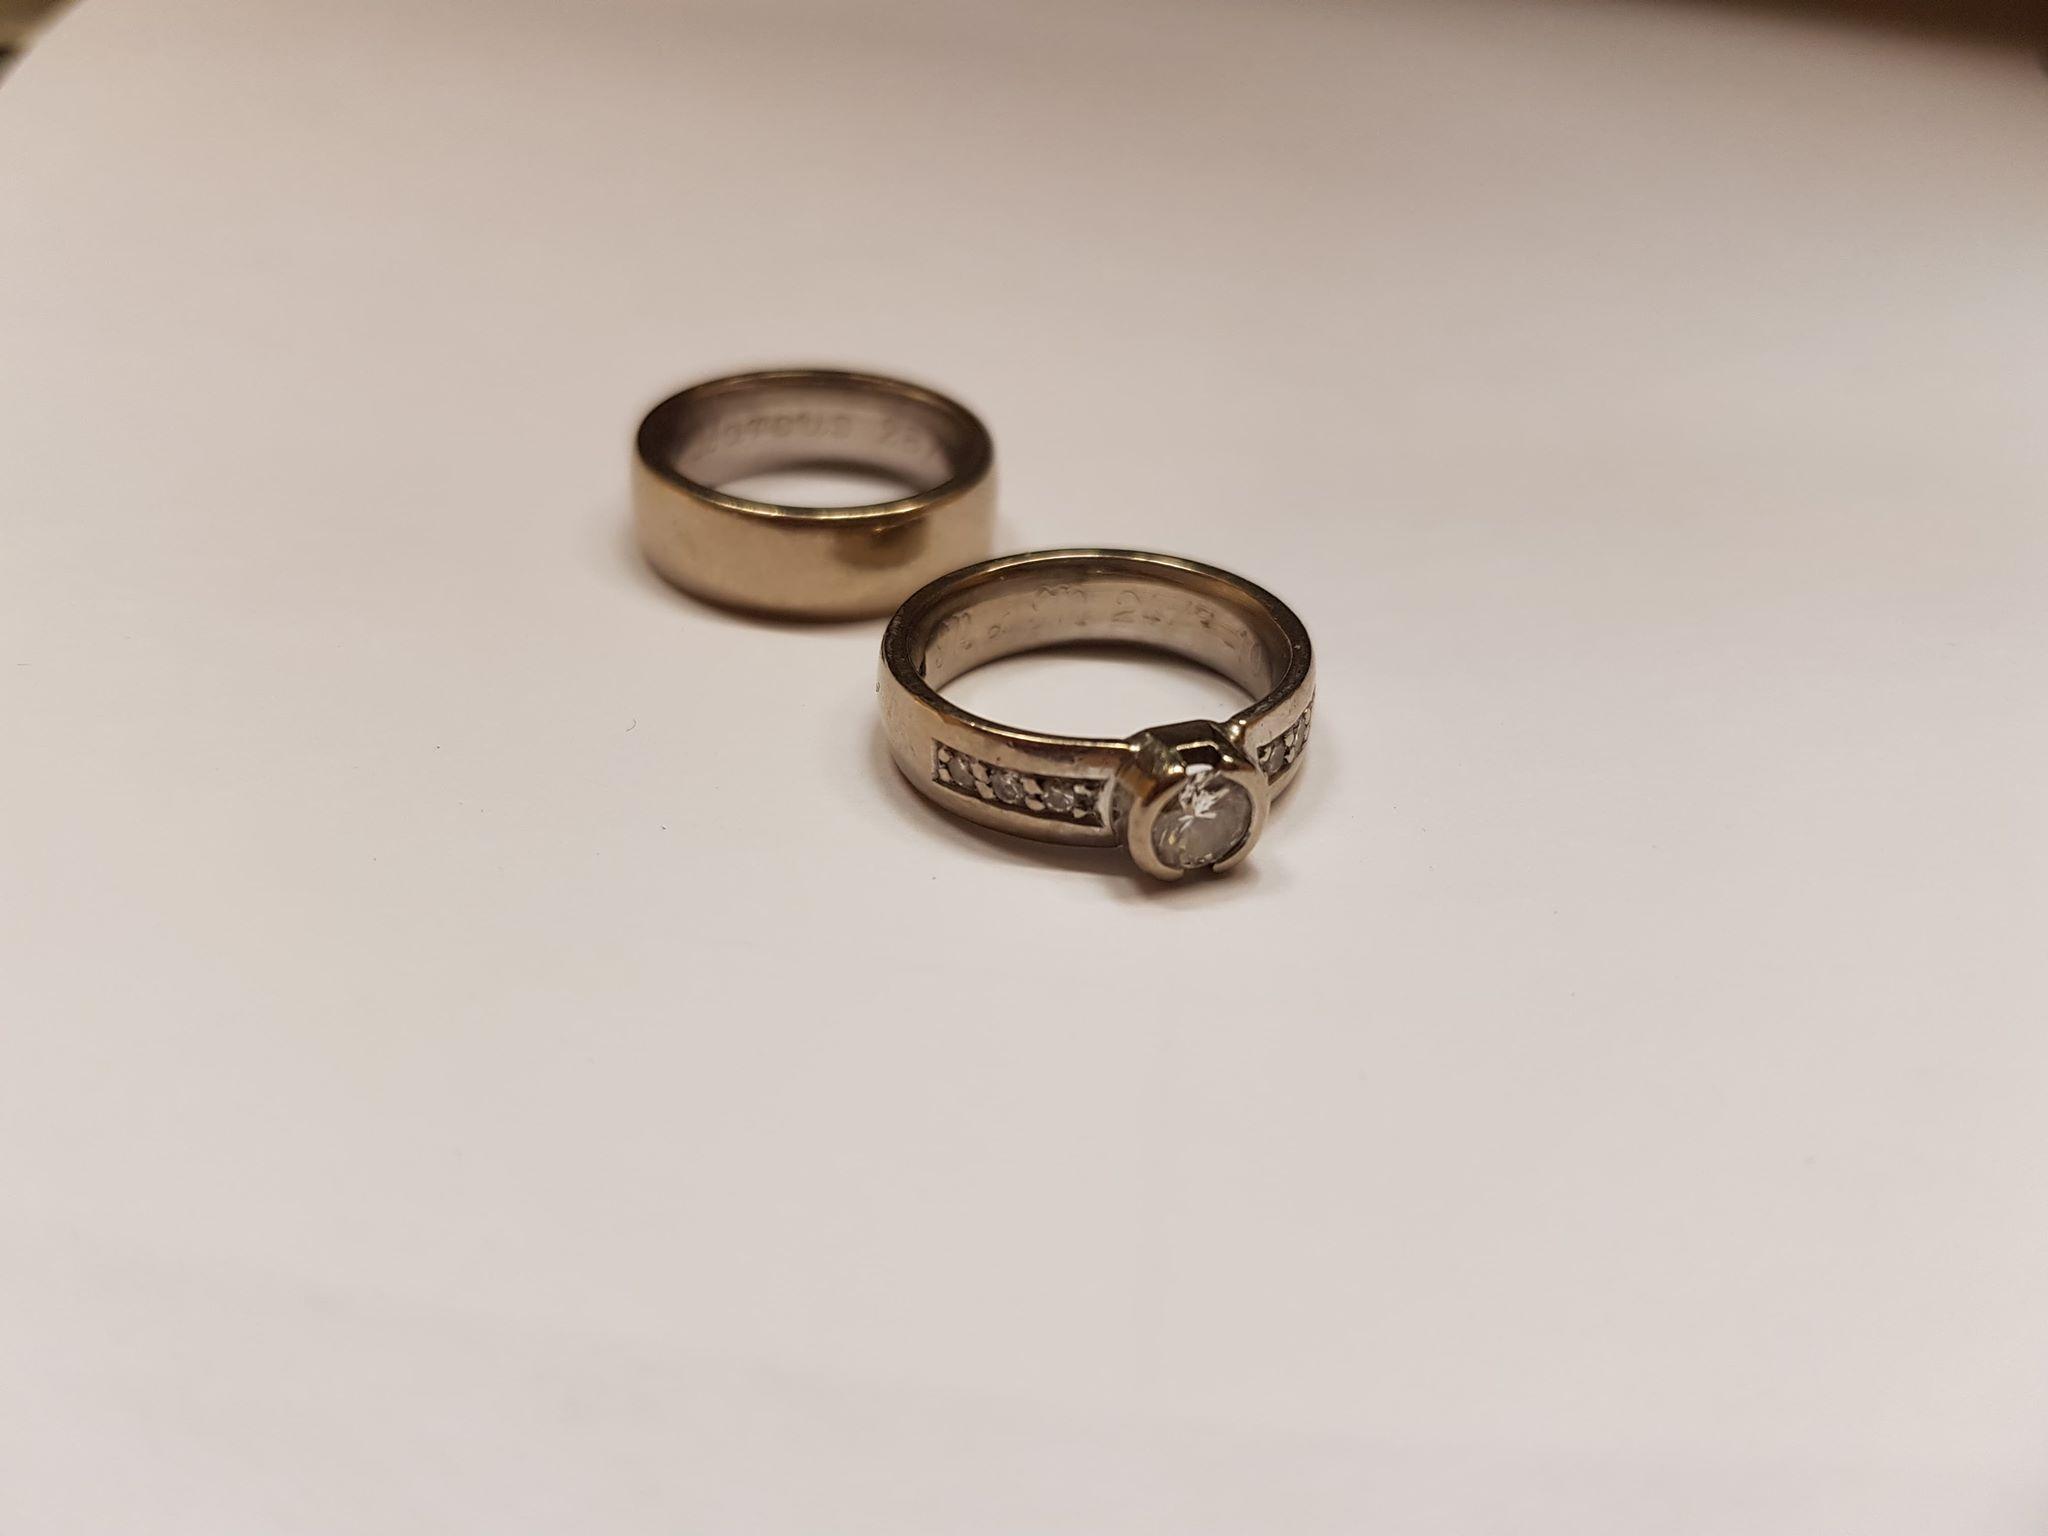 Kundens gamla ringar! Vi plockade ur stenarna ur den främre och satte i de nya ringarna.